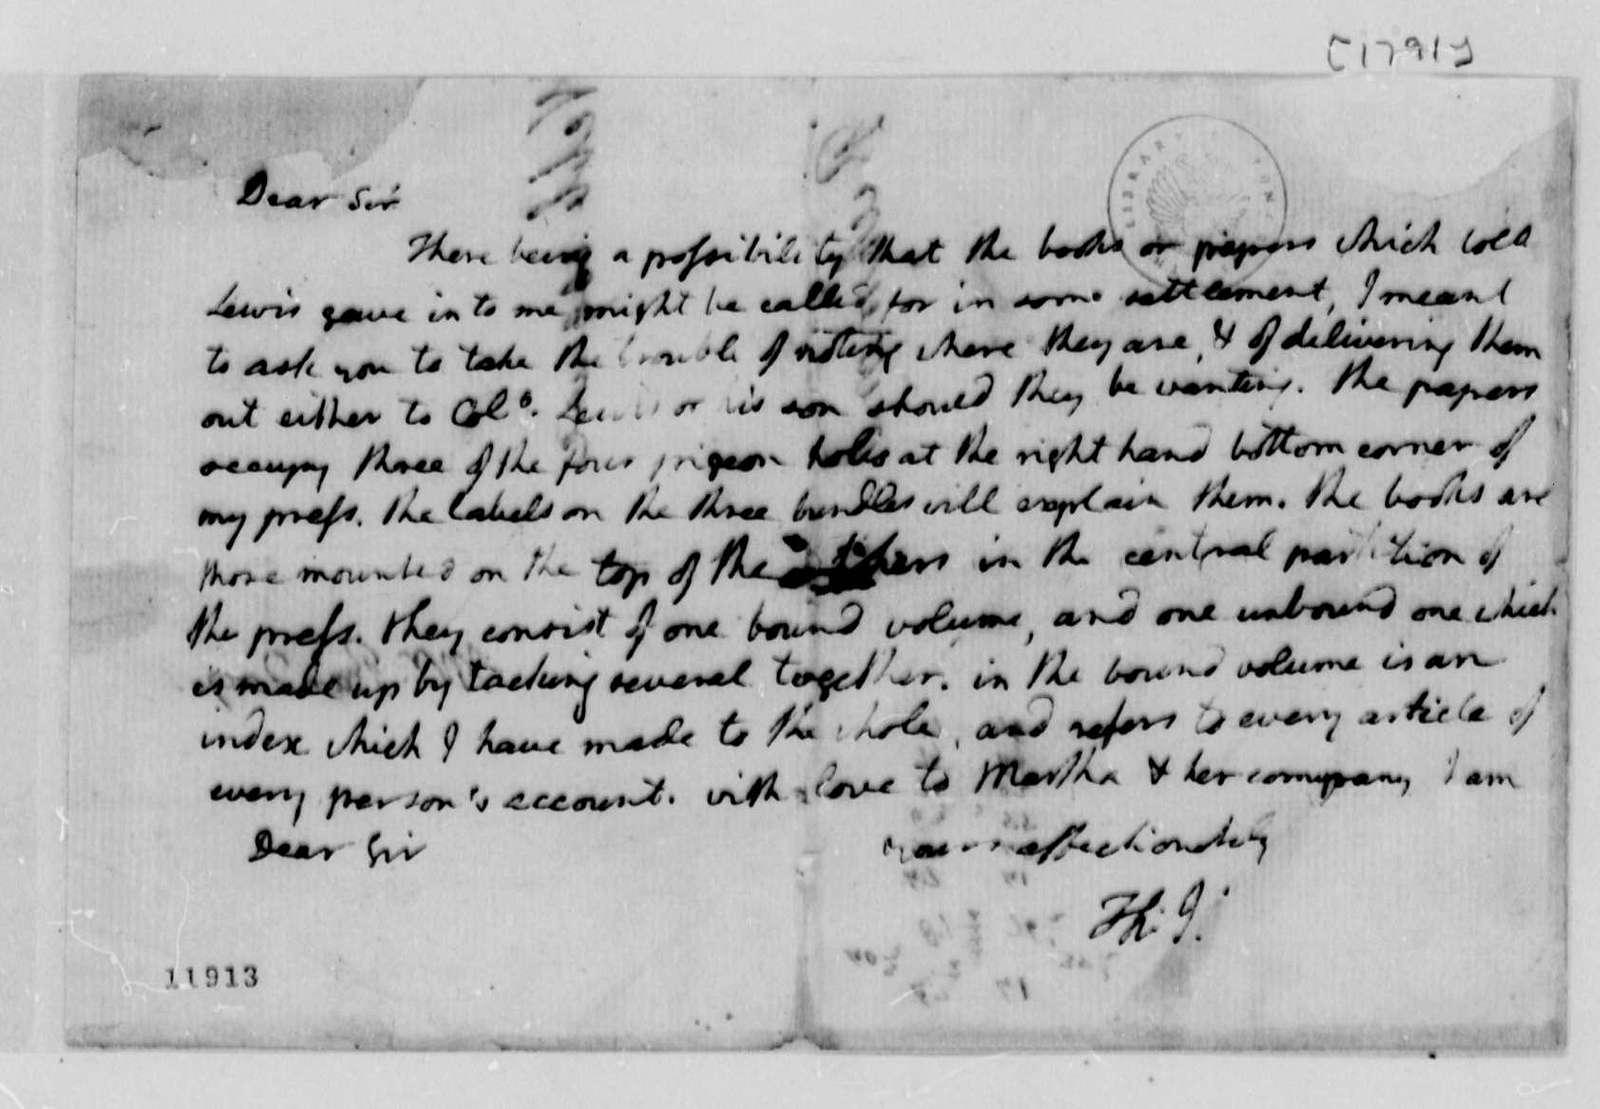 Thomas Jefferson to Thomas Mann Randolph, Jr., 1791